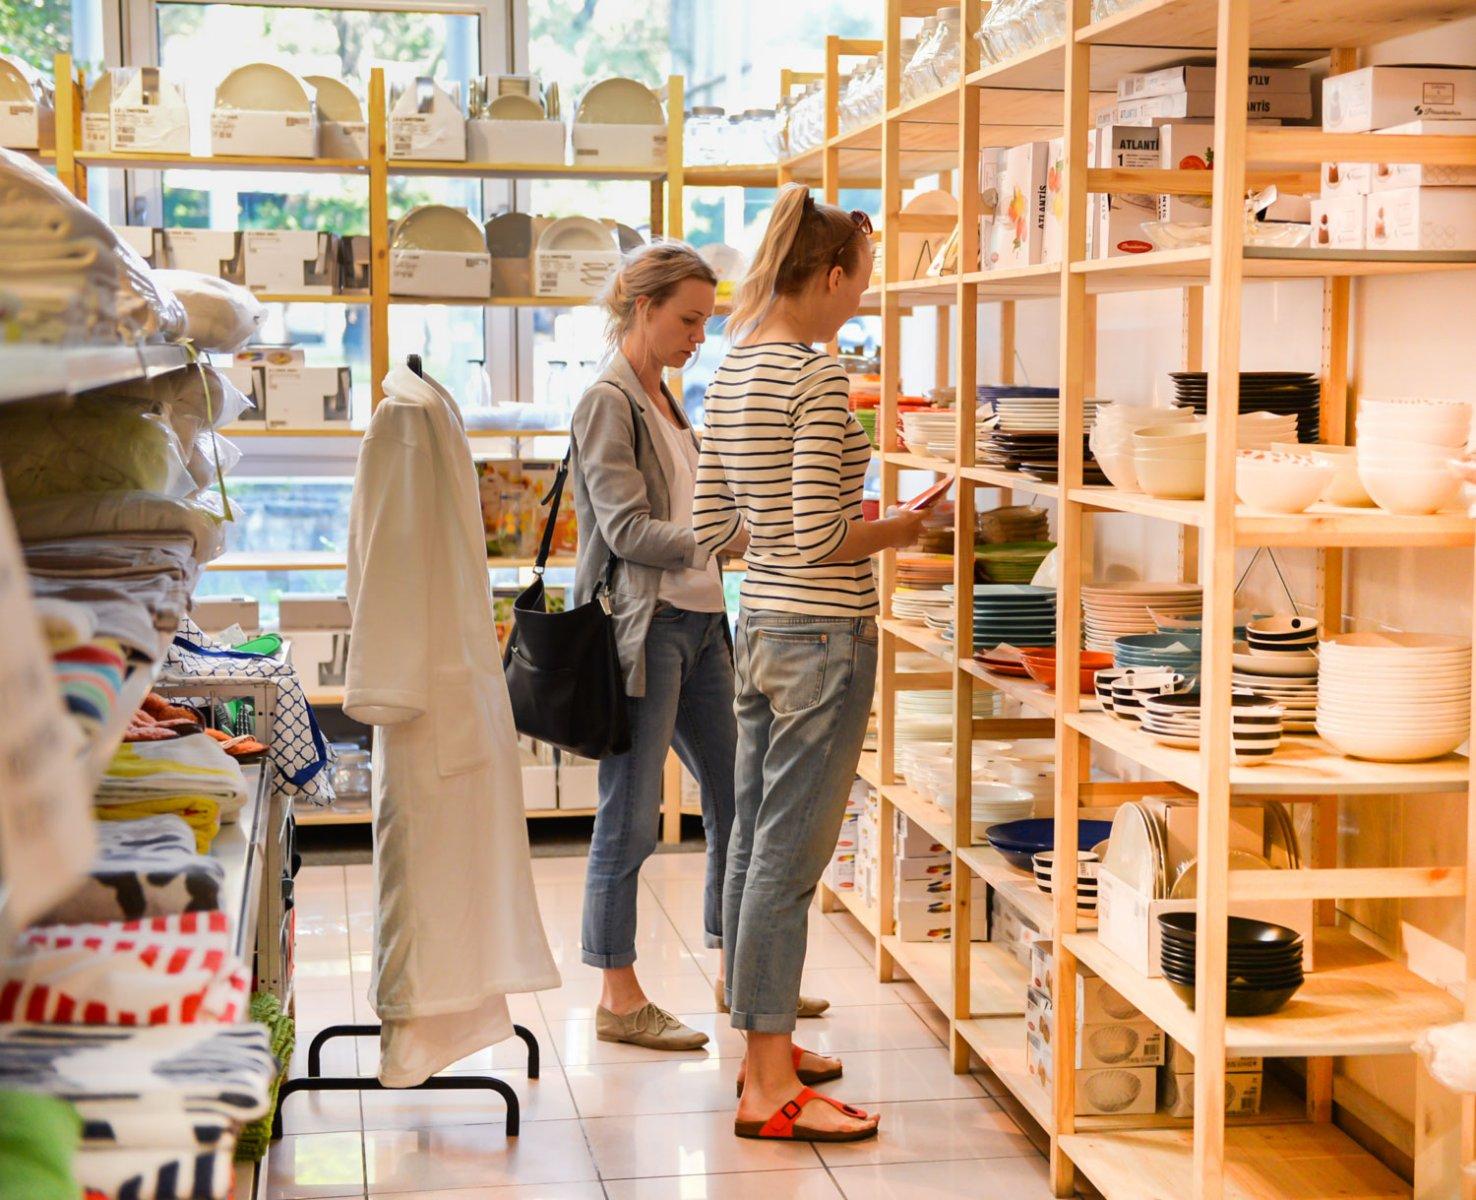 10 вещей из икеи, которые выглядят дорого — спешите купить, пока их не сняли с продажи